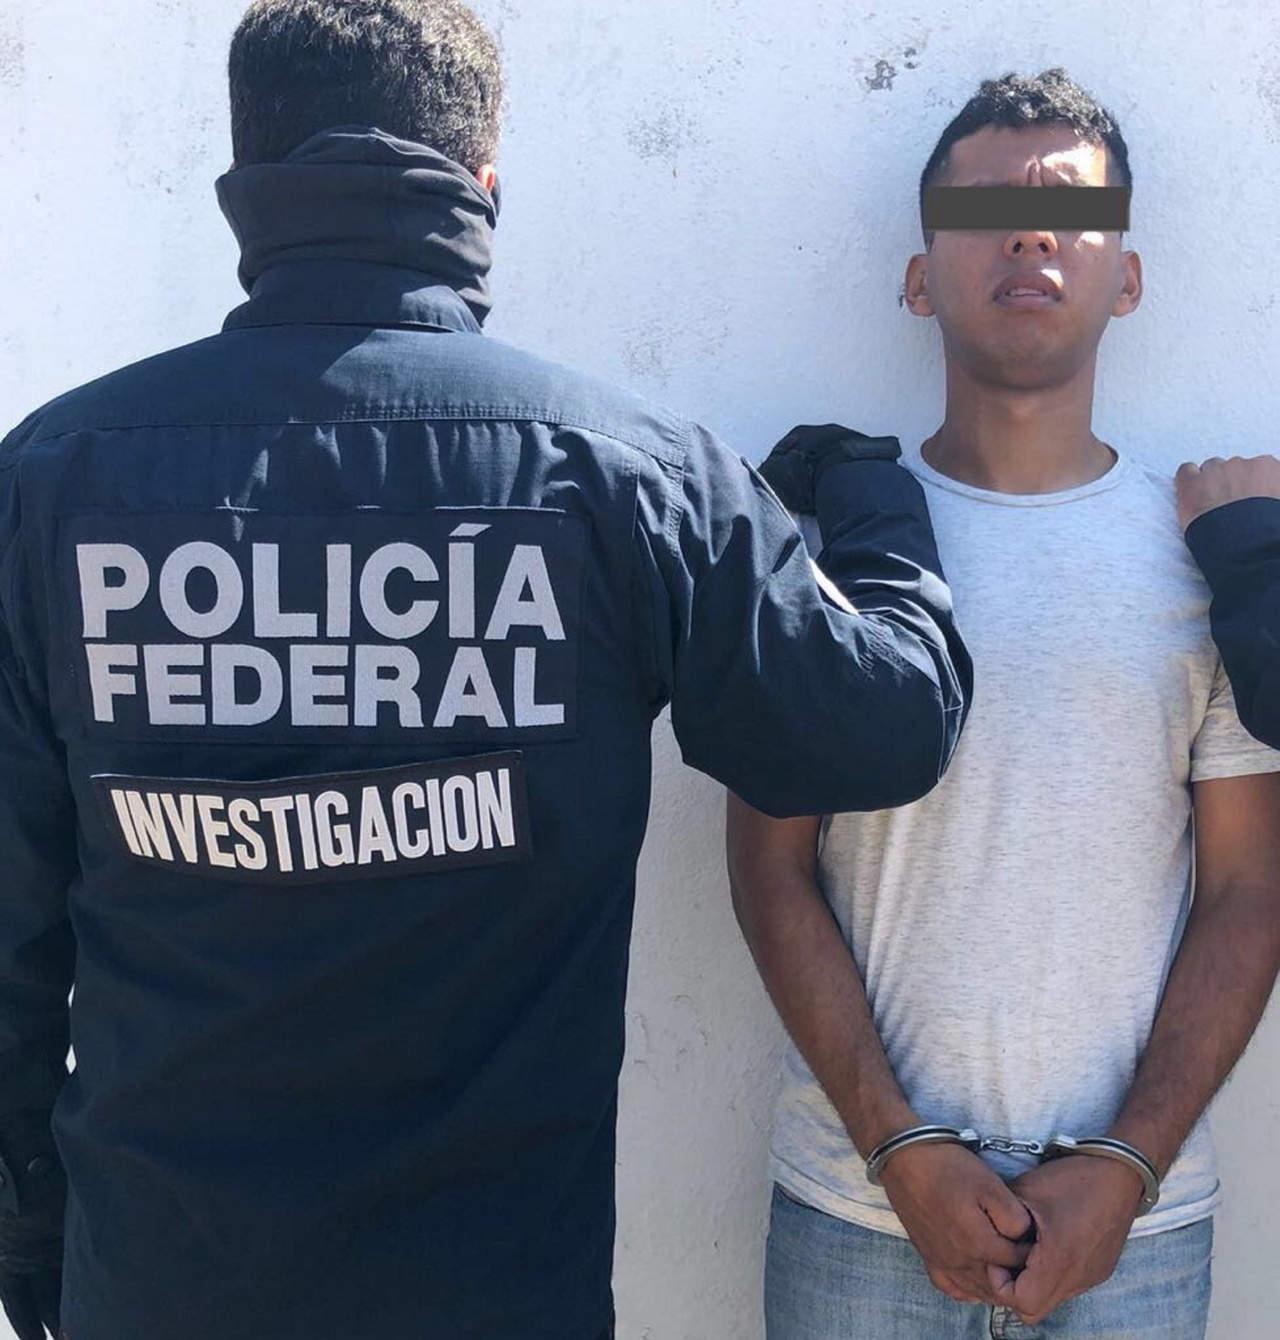 Liberan a presunto involucrado en caso Ayotzinapa